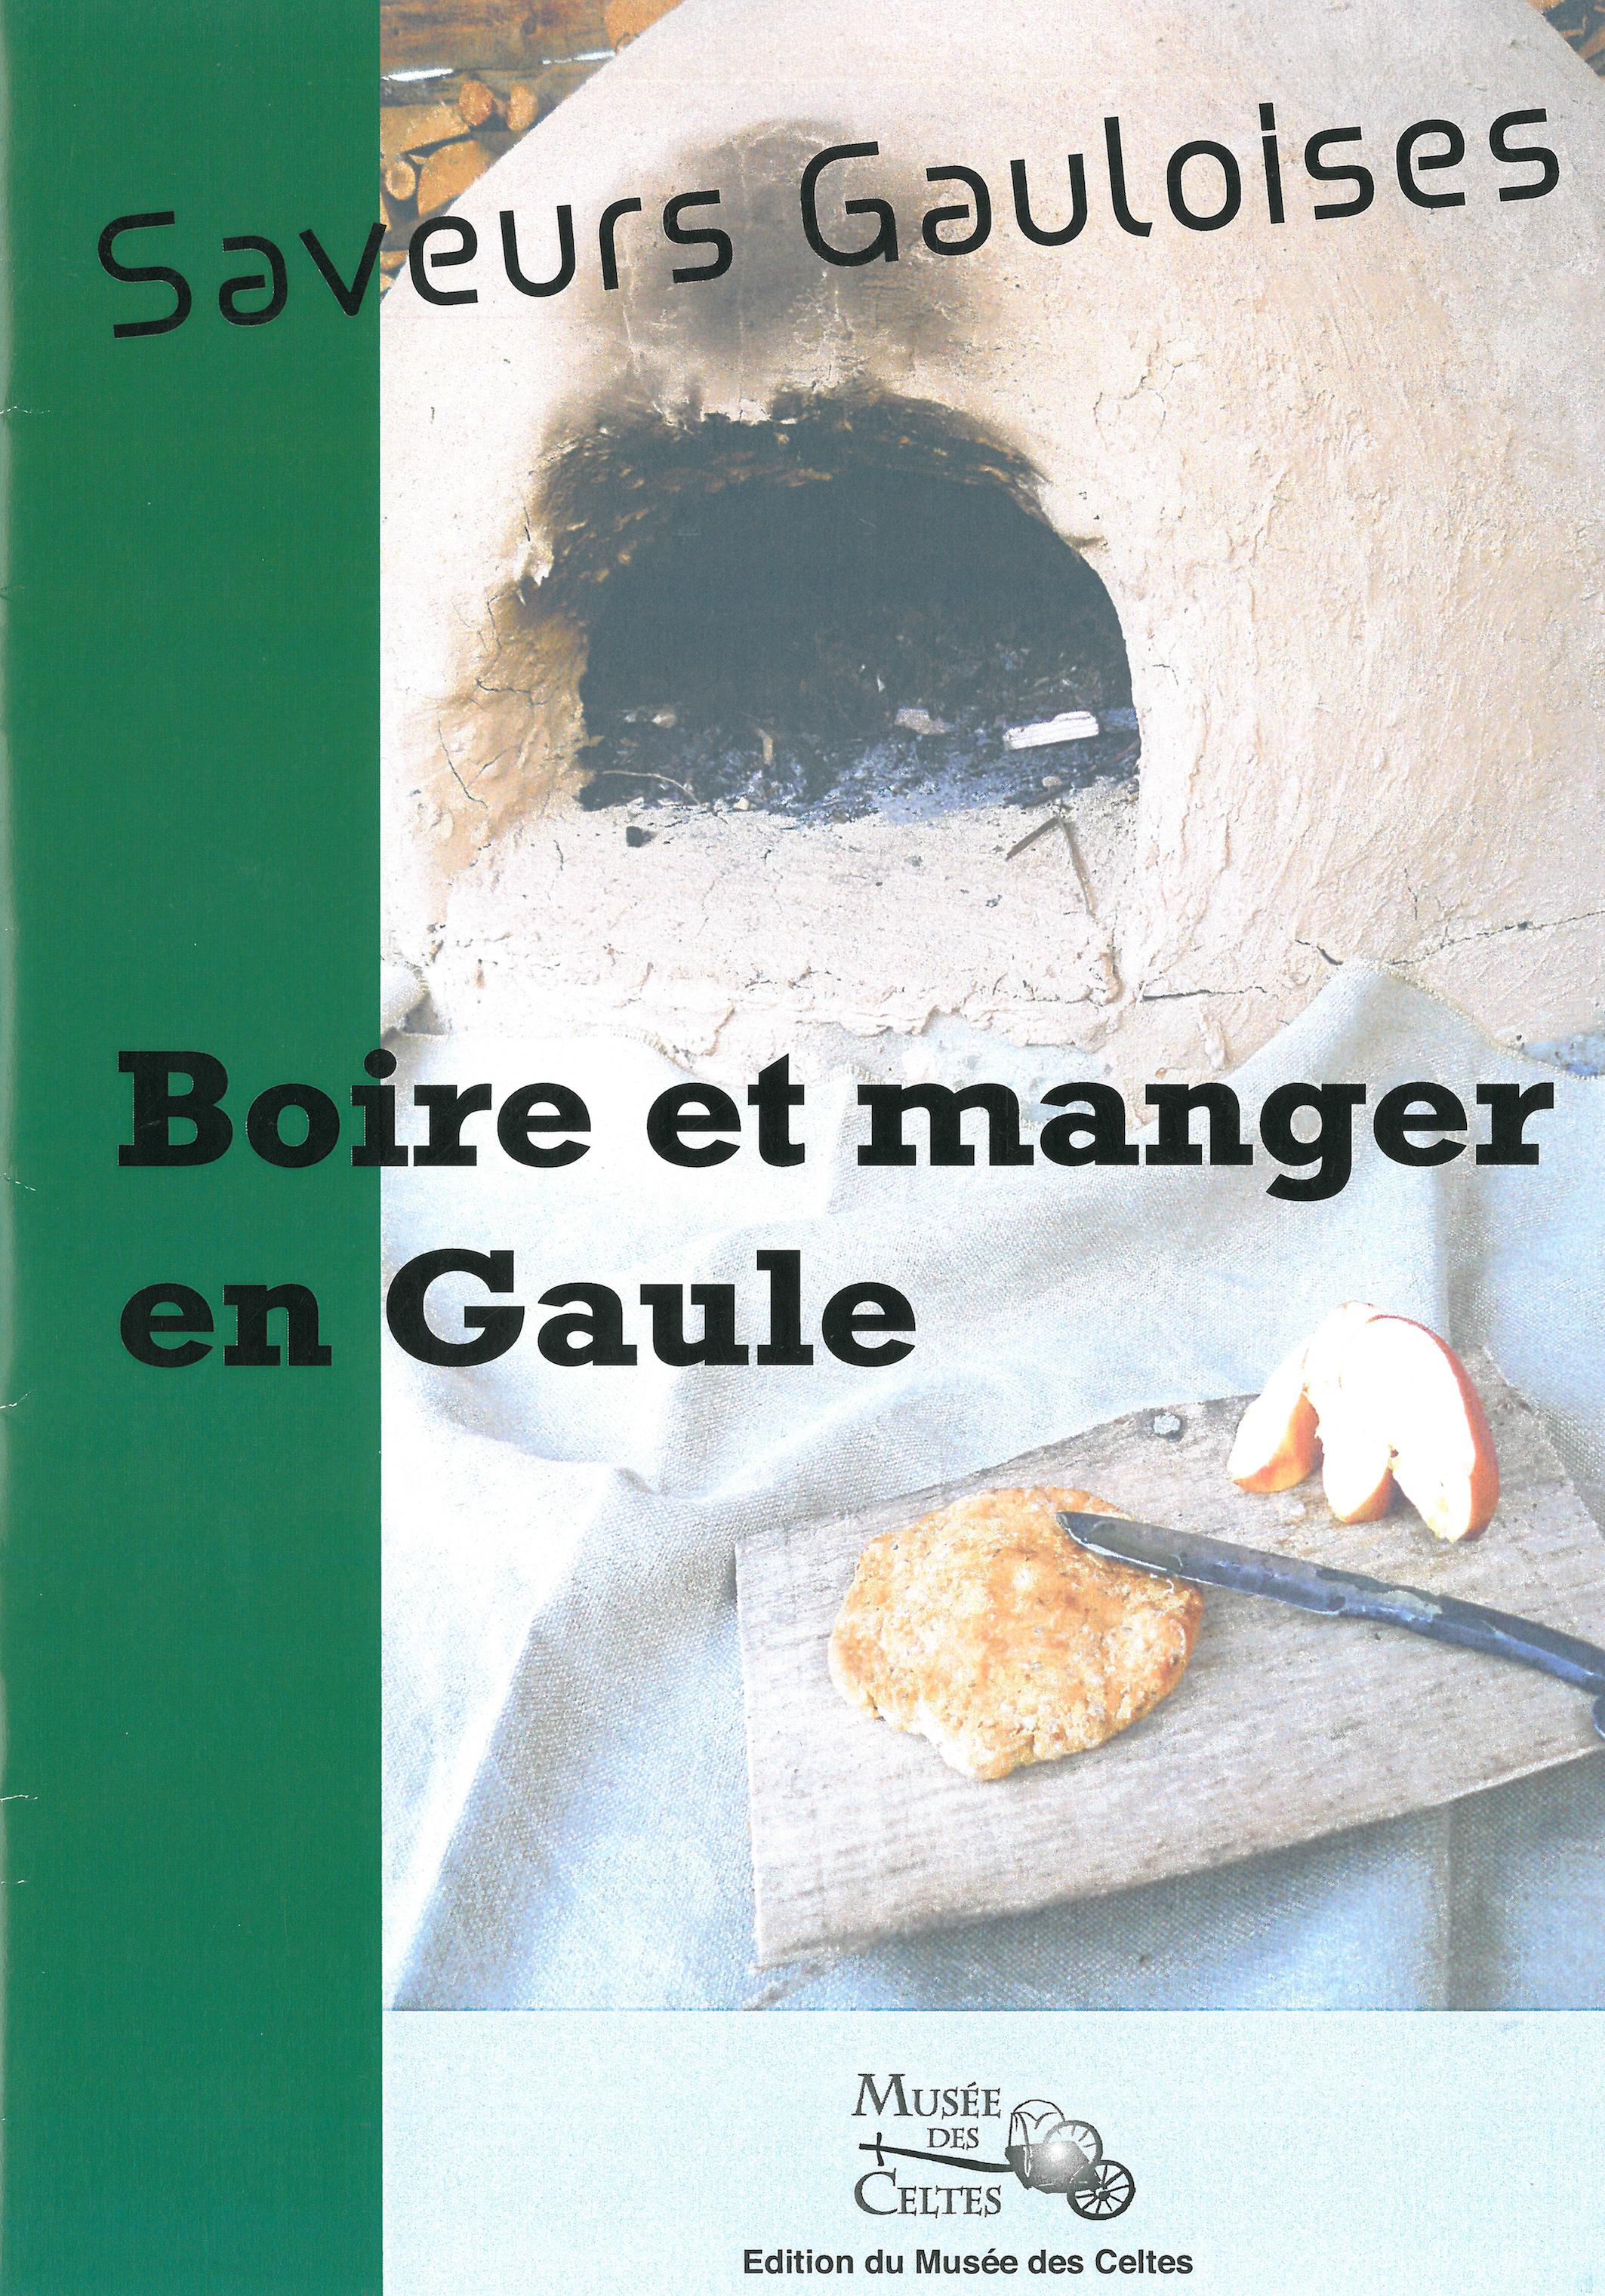 Saveurs gauloises – Boire et manger en Gaule